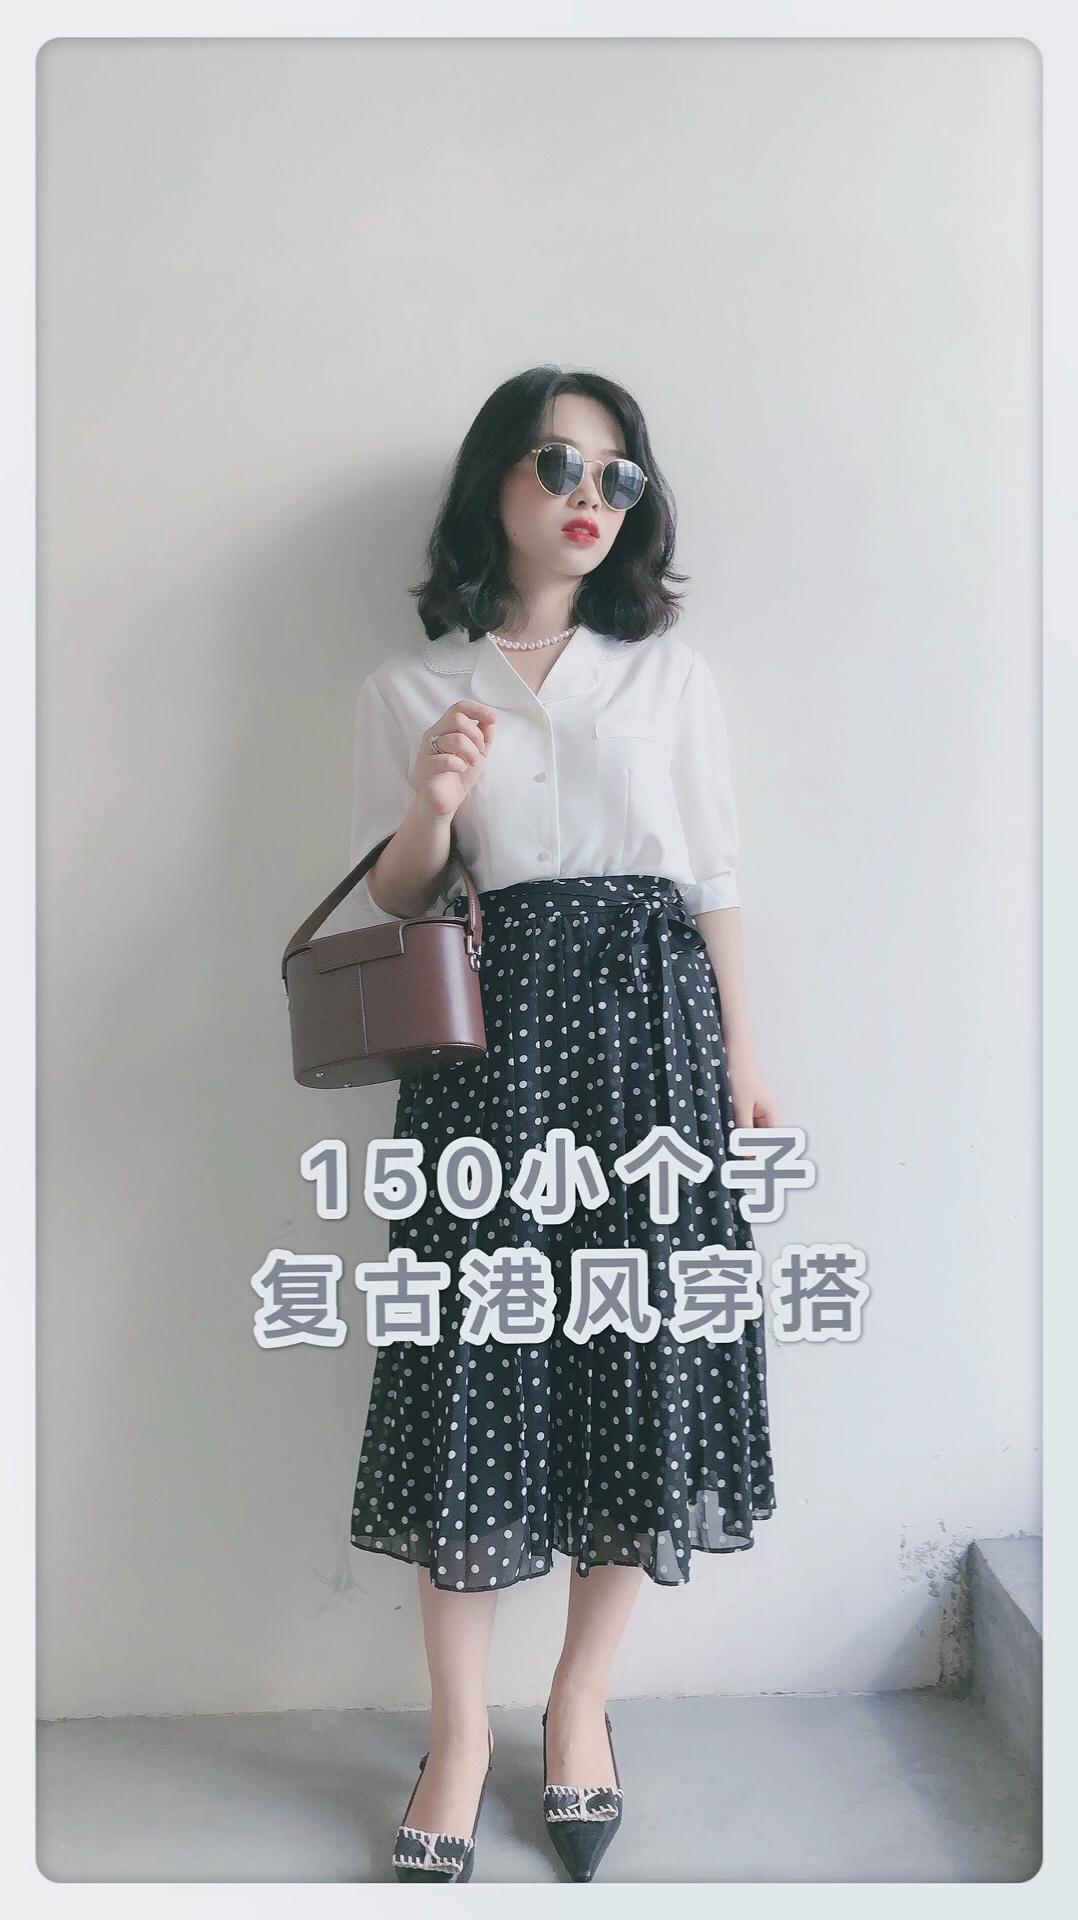 150小个子穿搭 超级复古的90年代港风穿搭 复古白衬衫搭配了很复古的波点半裙~ 包包也是中古包~一身真的太喜欢了#清凉好看的夏季单品盘点#